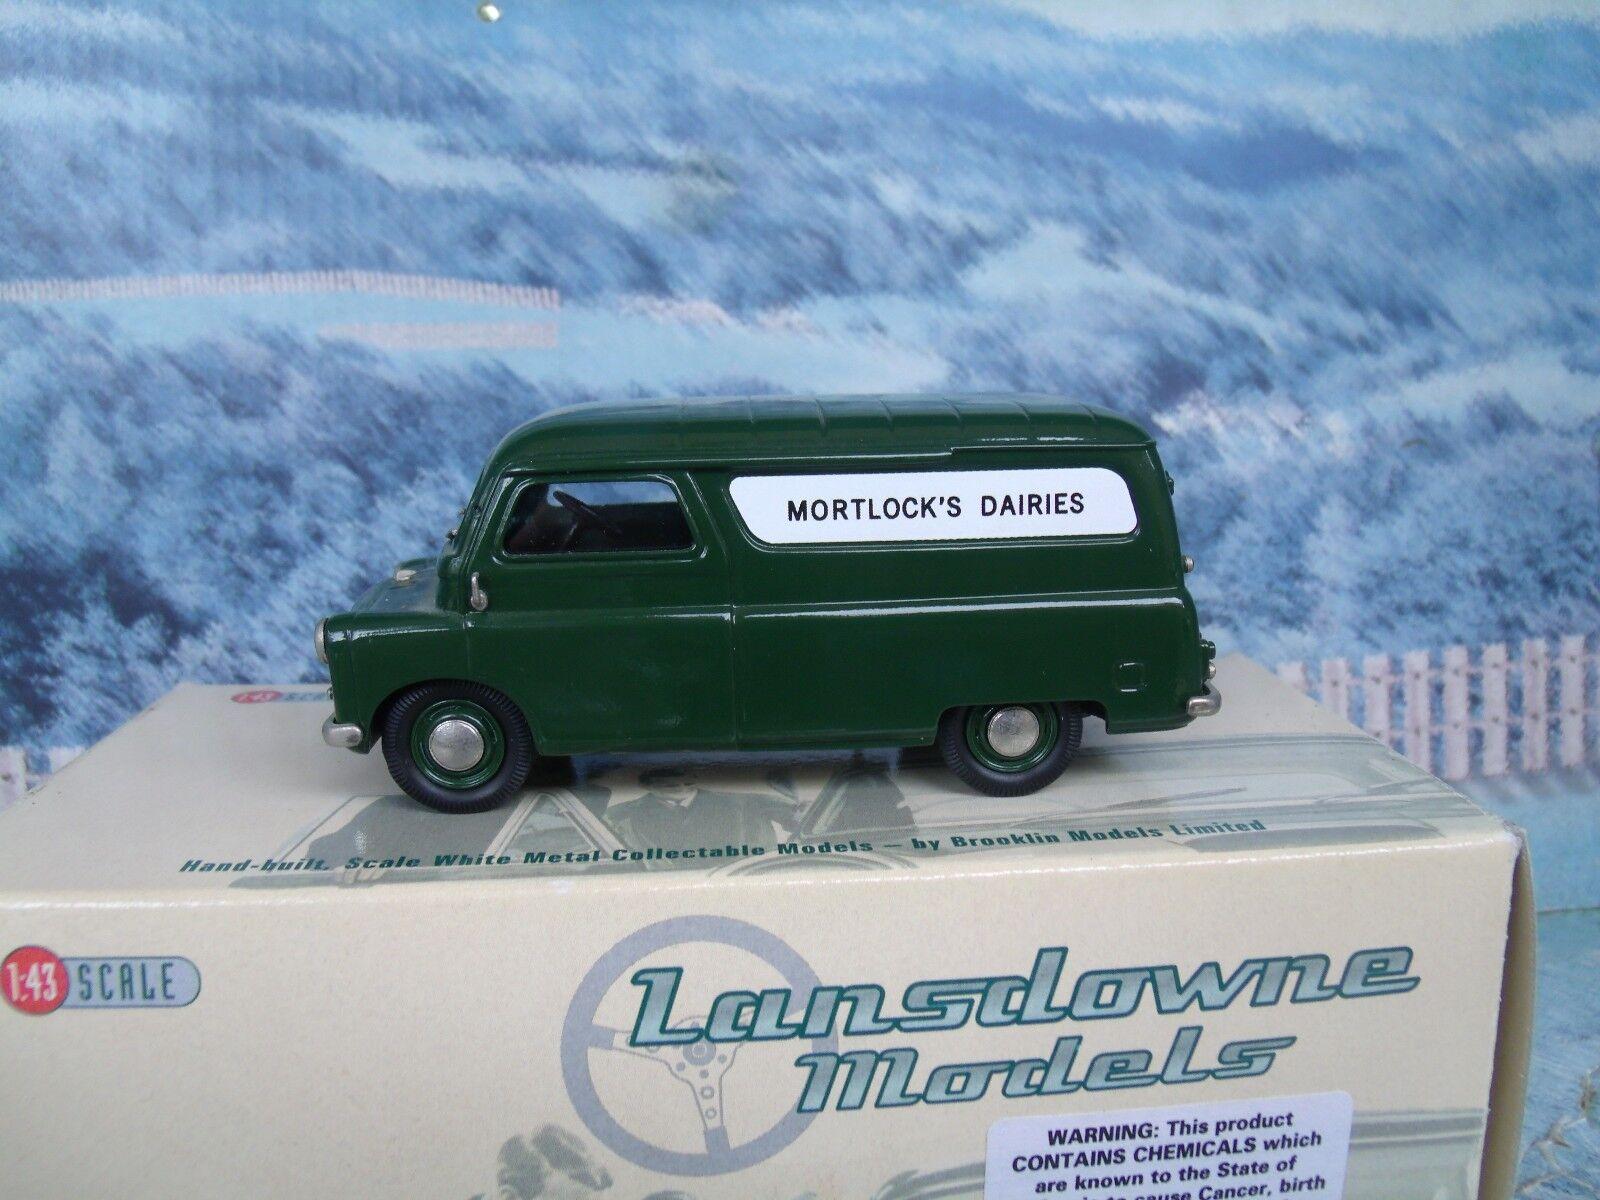 1/43 Brooklin models  LANSDOWNE 1965 BEDFORD CA van  LDM39 bianca metal